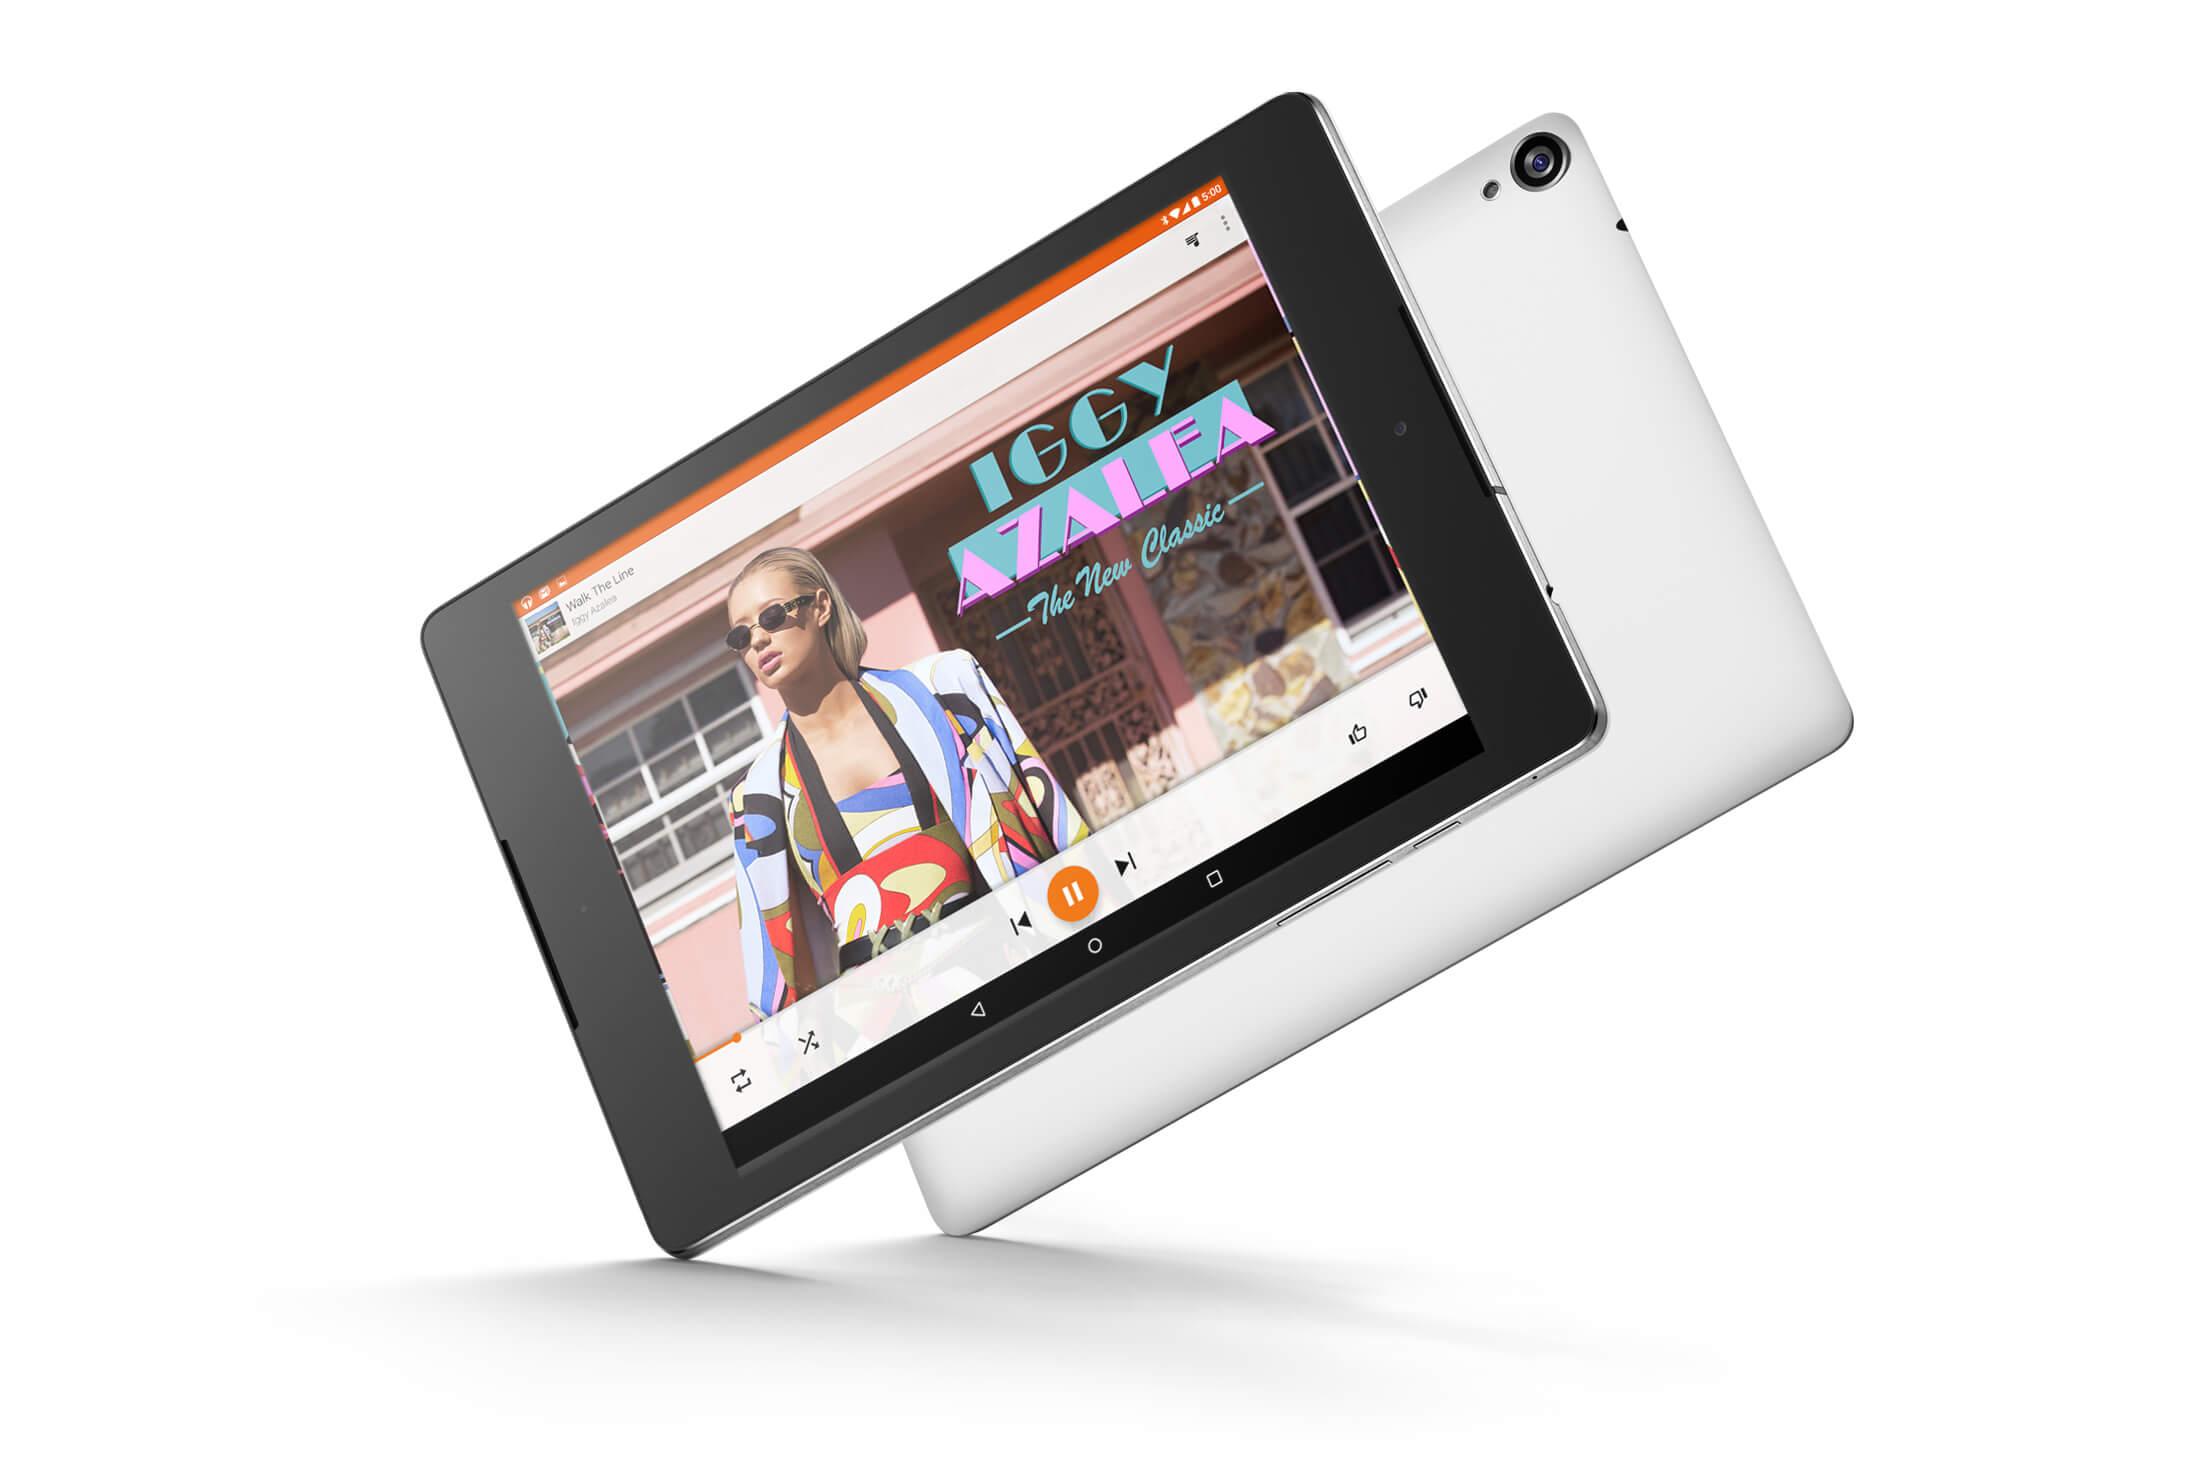 htc-nexus-9-google-tablet-2014-android-4g-lte-najlepší-tablet